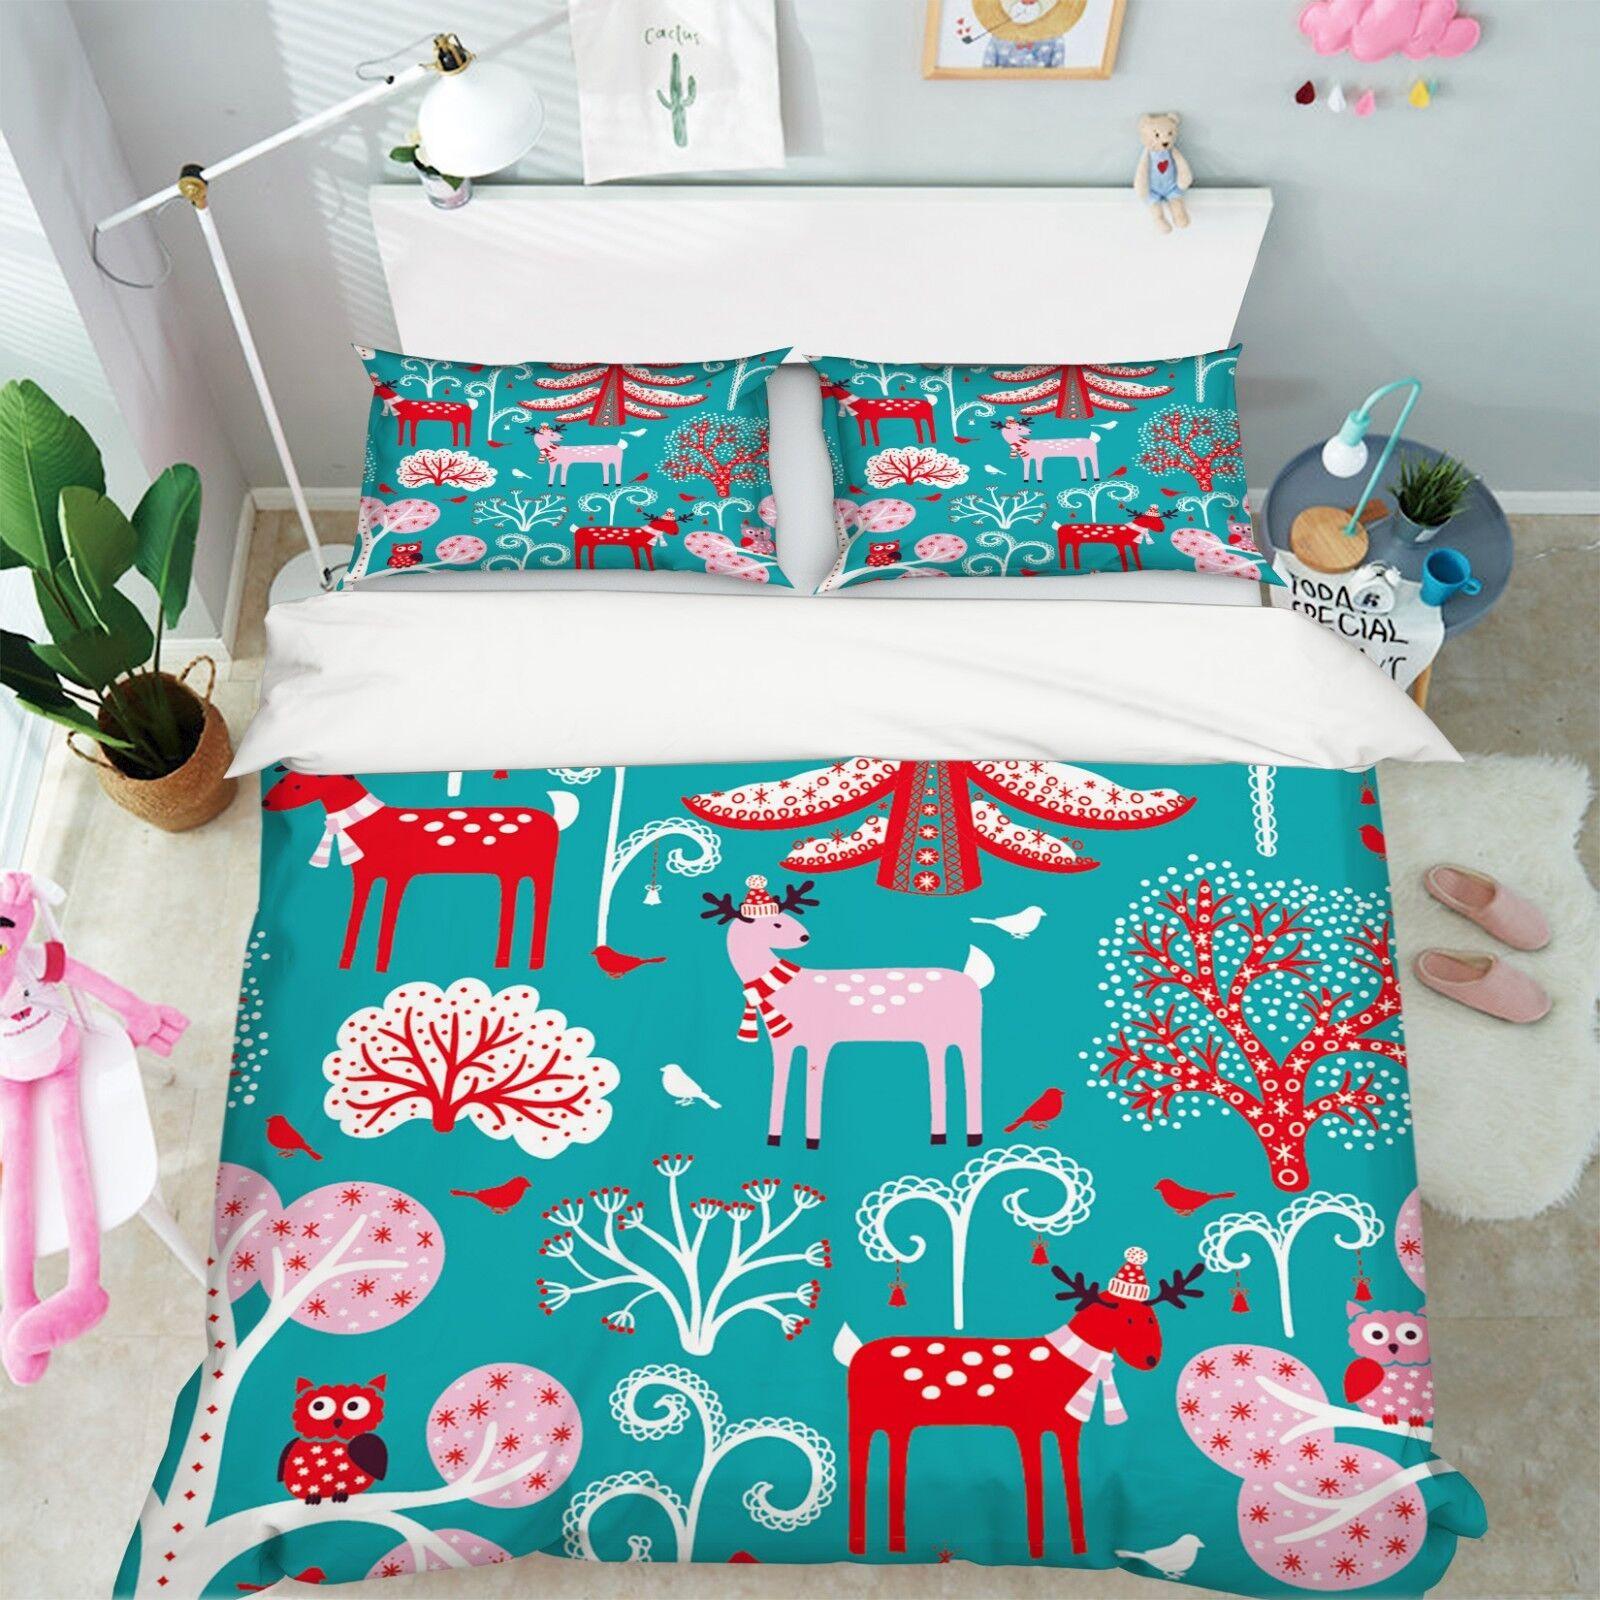 3d Christmas Xmas 601 Bed Cushion Covers Stitch Duvet Cover Set Single DE